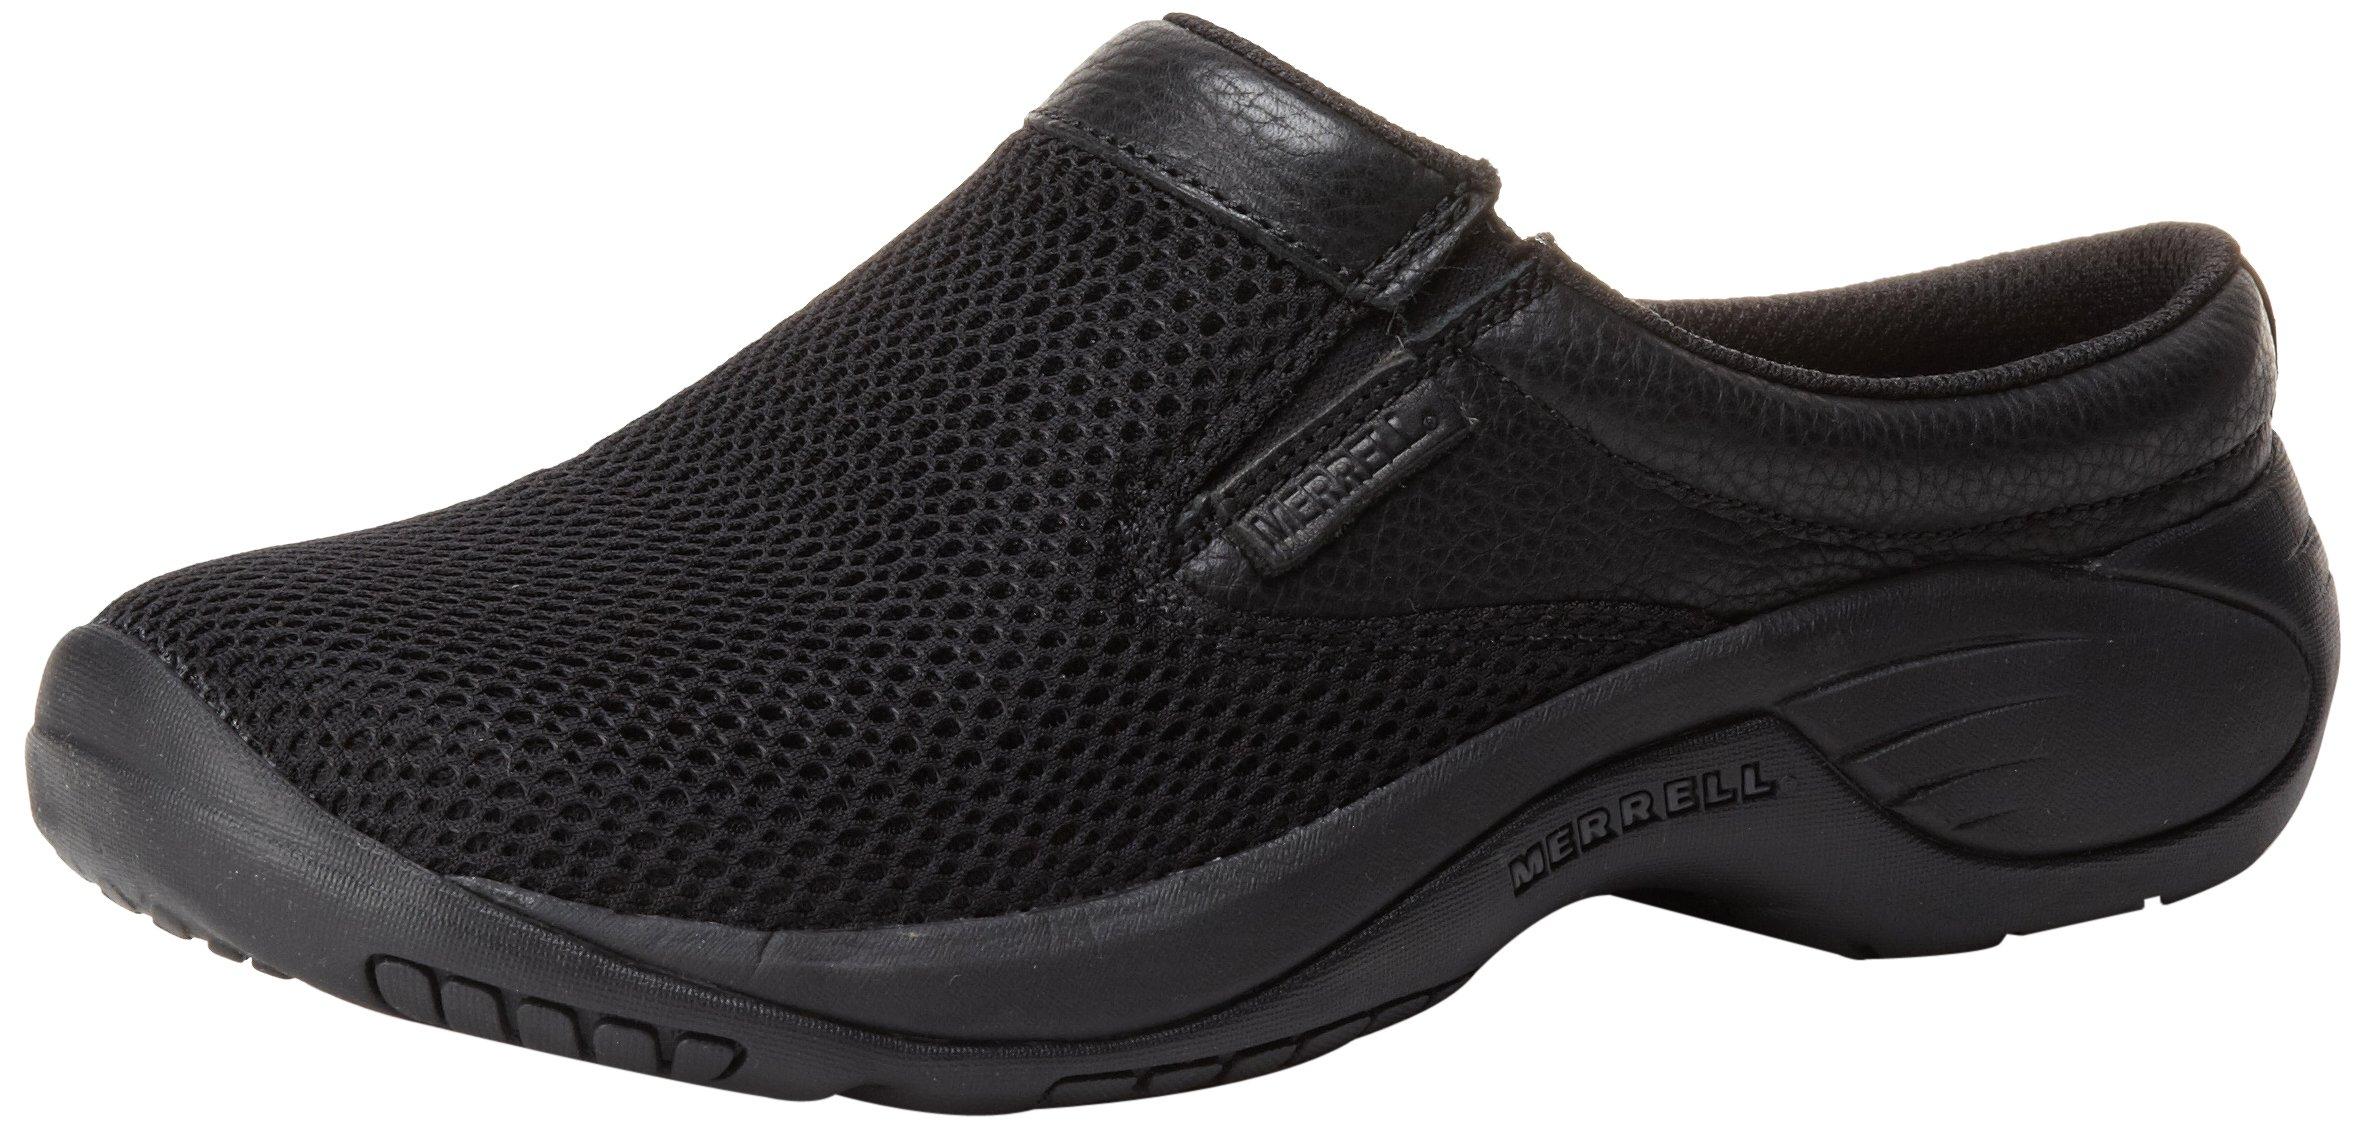 Merrell Men's Encore Bypass Slip-On Shoe,Black,11 M US